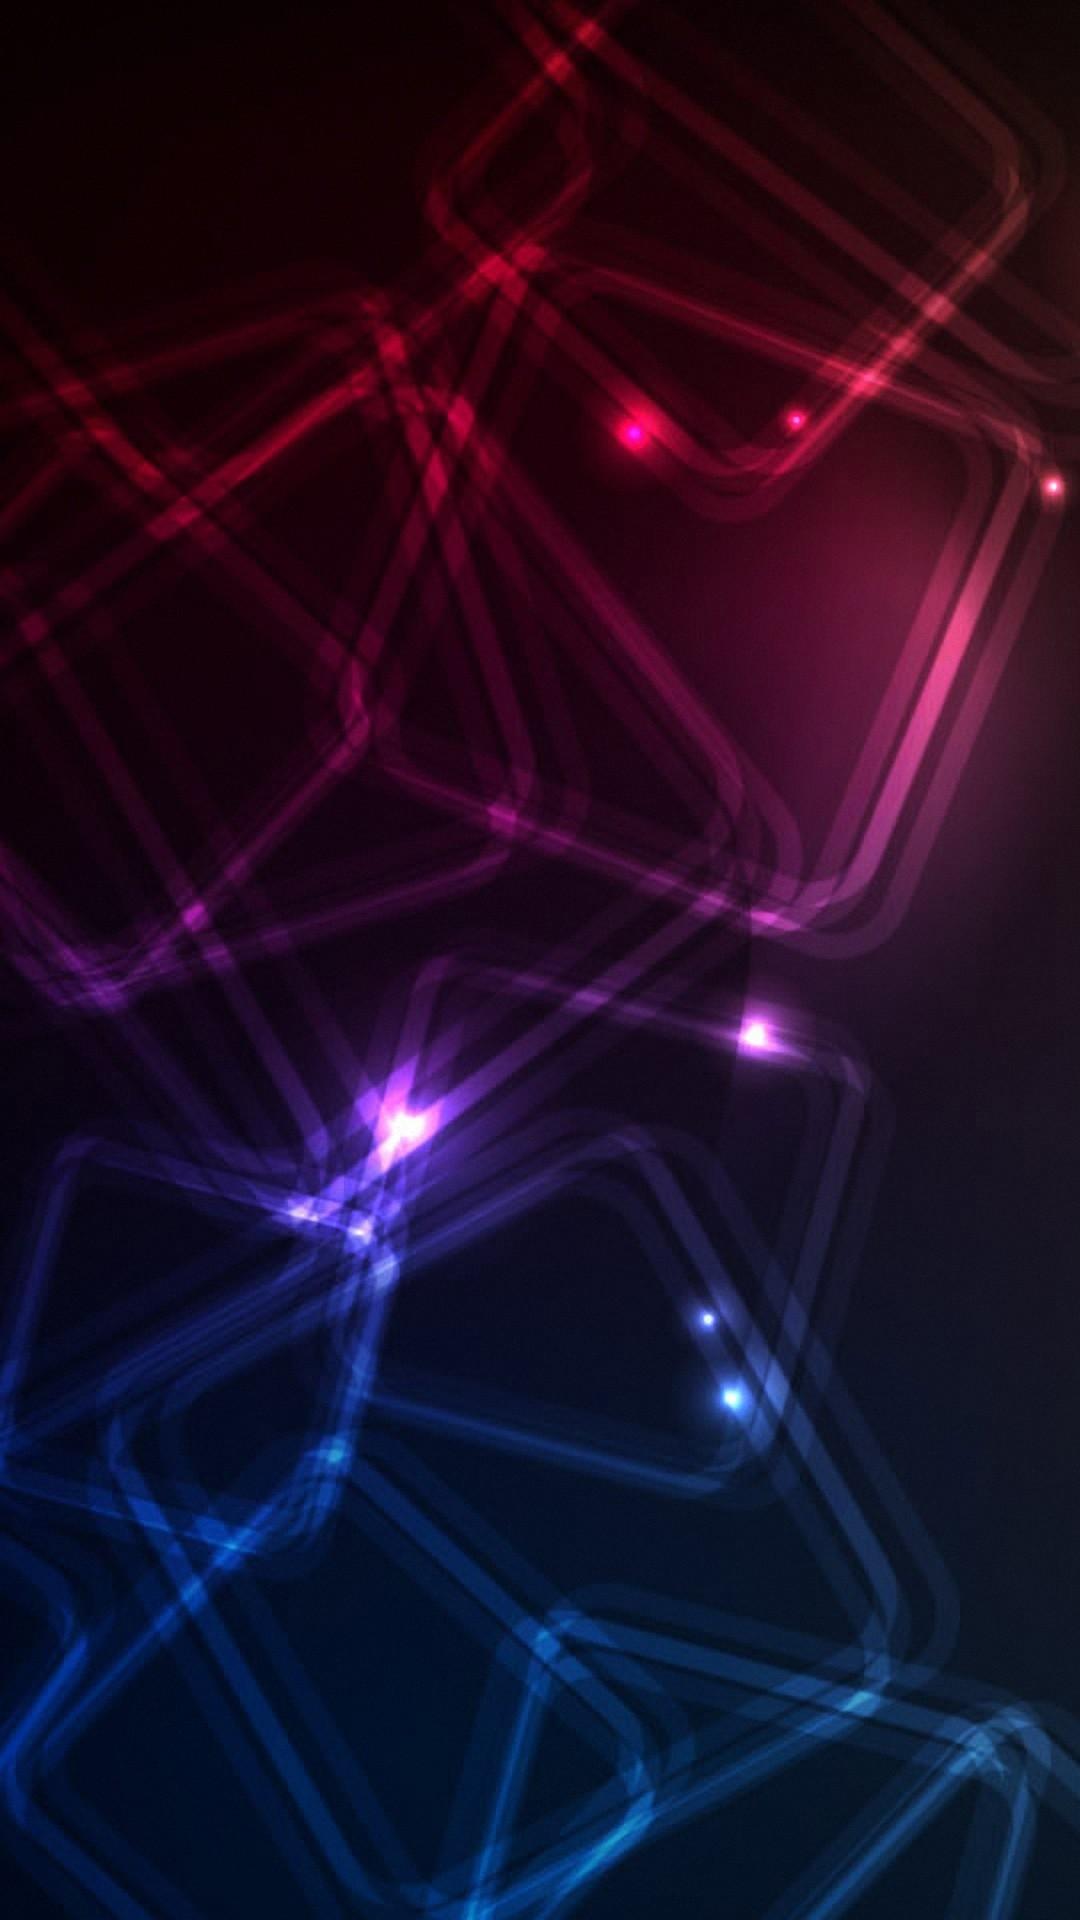 Wallpaper 1080x1920 download free beautiful full hd - Samsung galaxy s4 wallpaper hd 1080x1920 ...